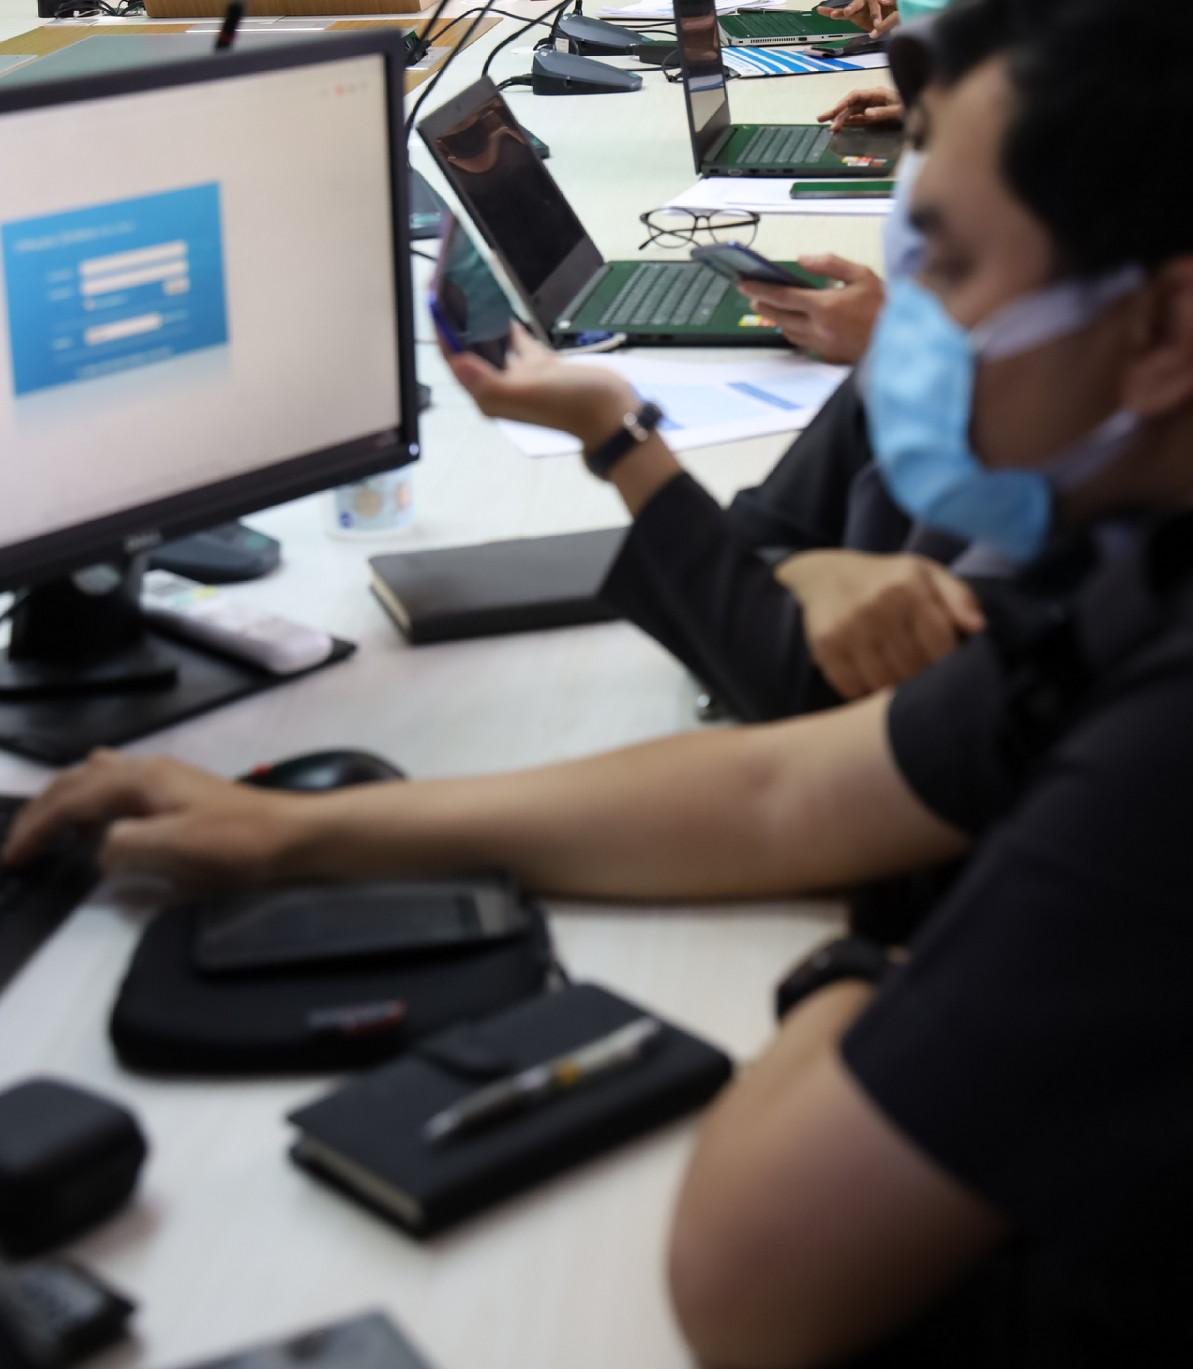 Buruan Daftar, Bapenda DKI Jakarta Buka Lowongan Petugas Pemetaan untuk D3 hinggga S1